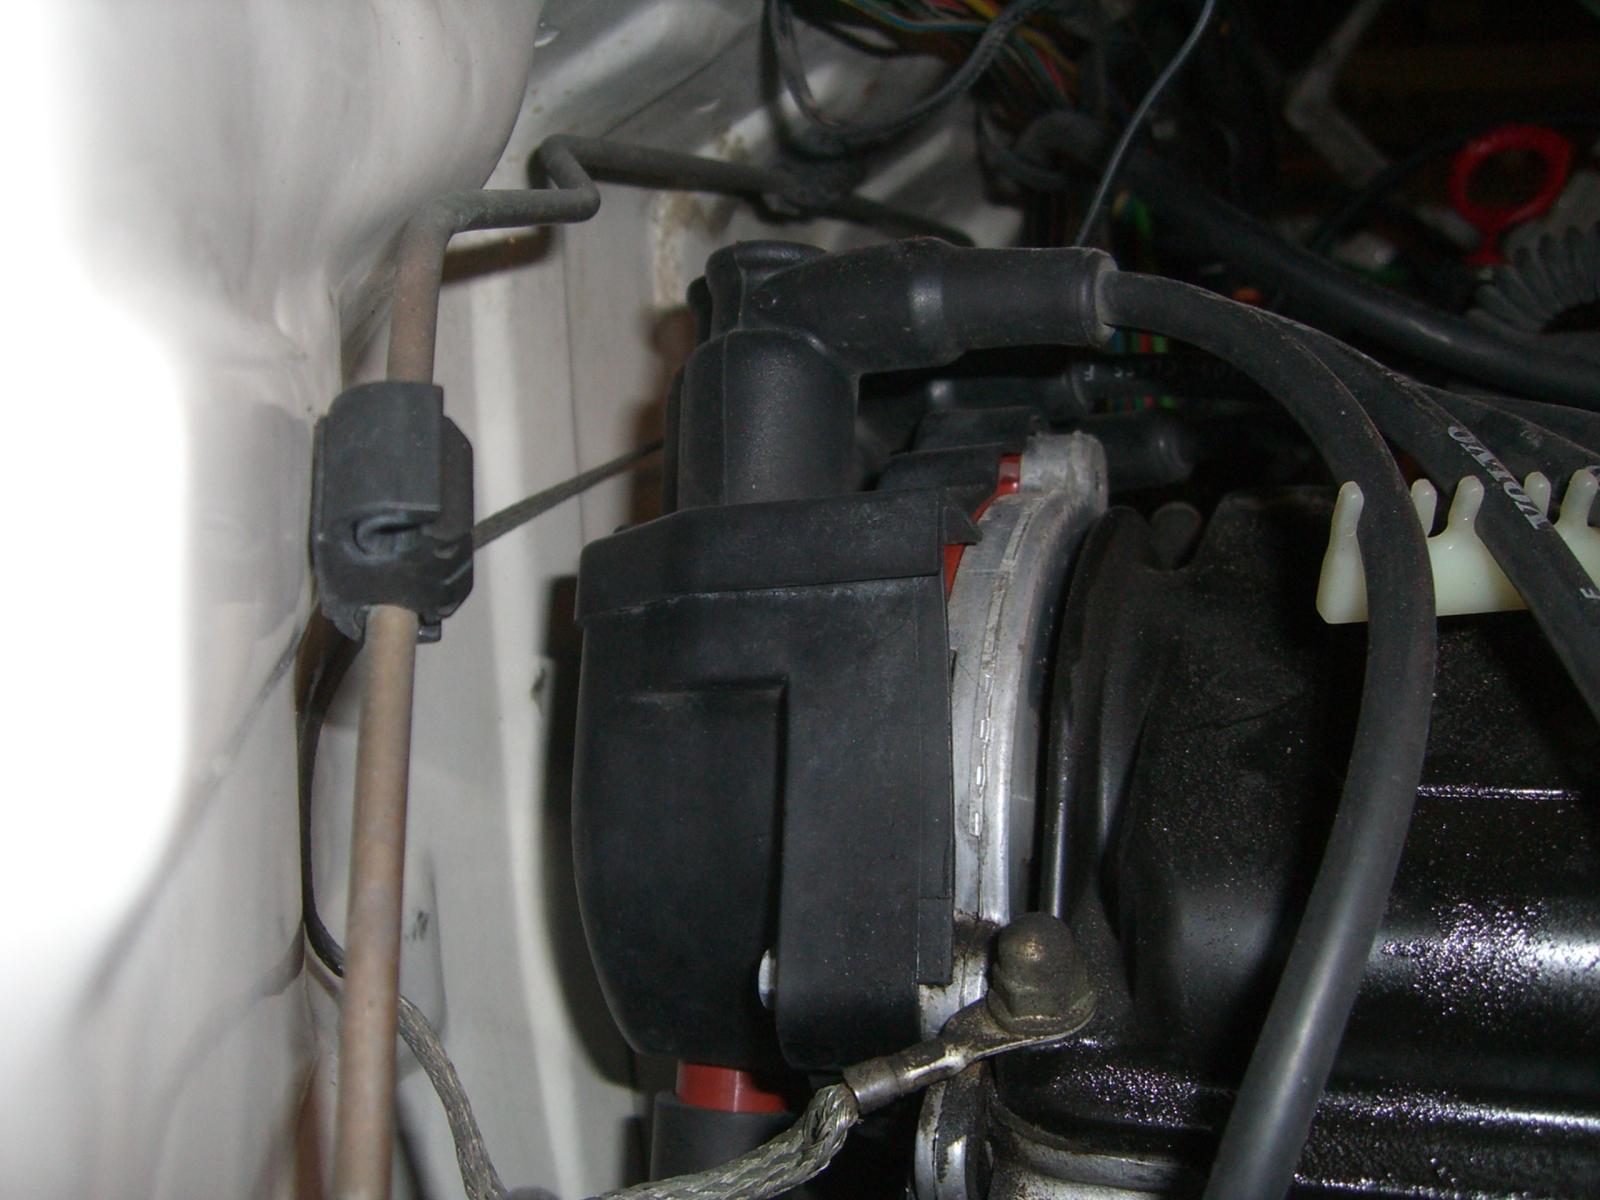 B230ft Lh24 83 Volvo Wiring Harness